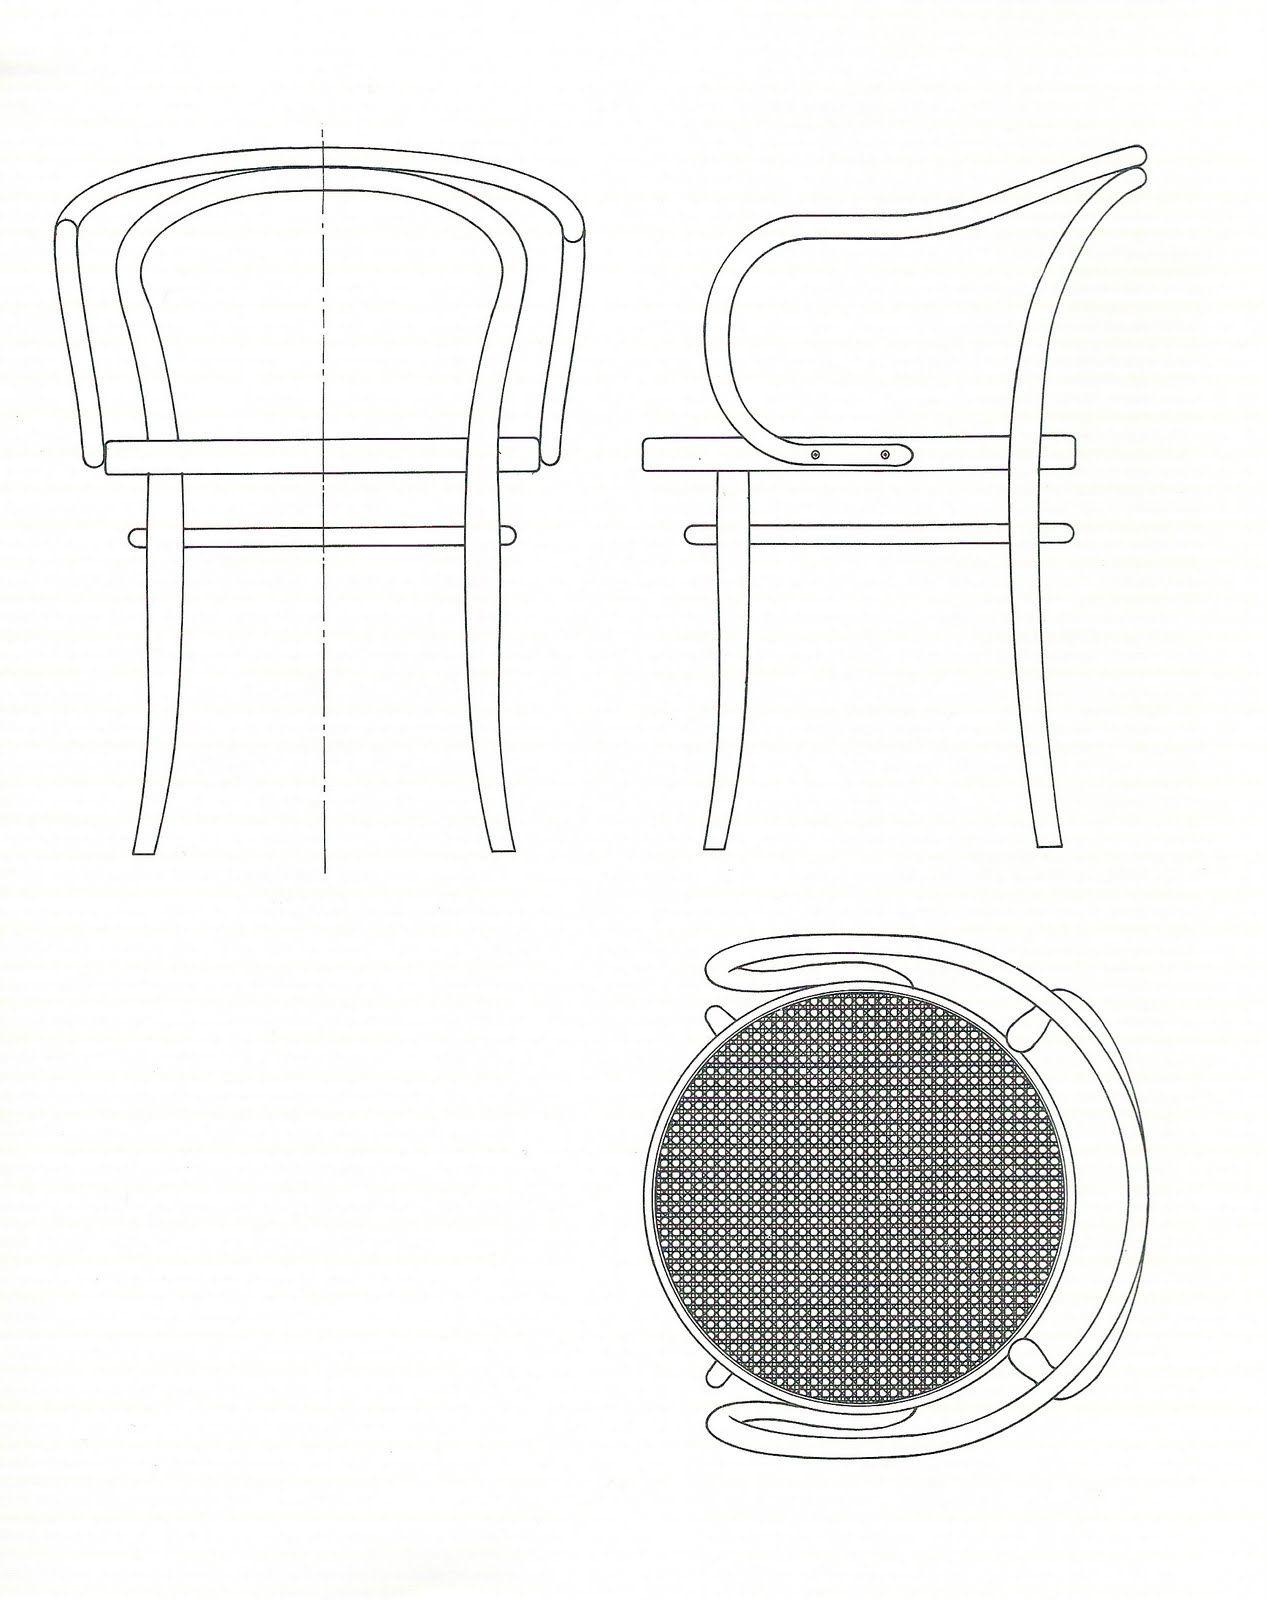 Disegni tecnici della sedia n 14